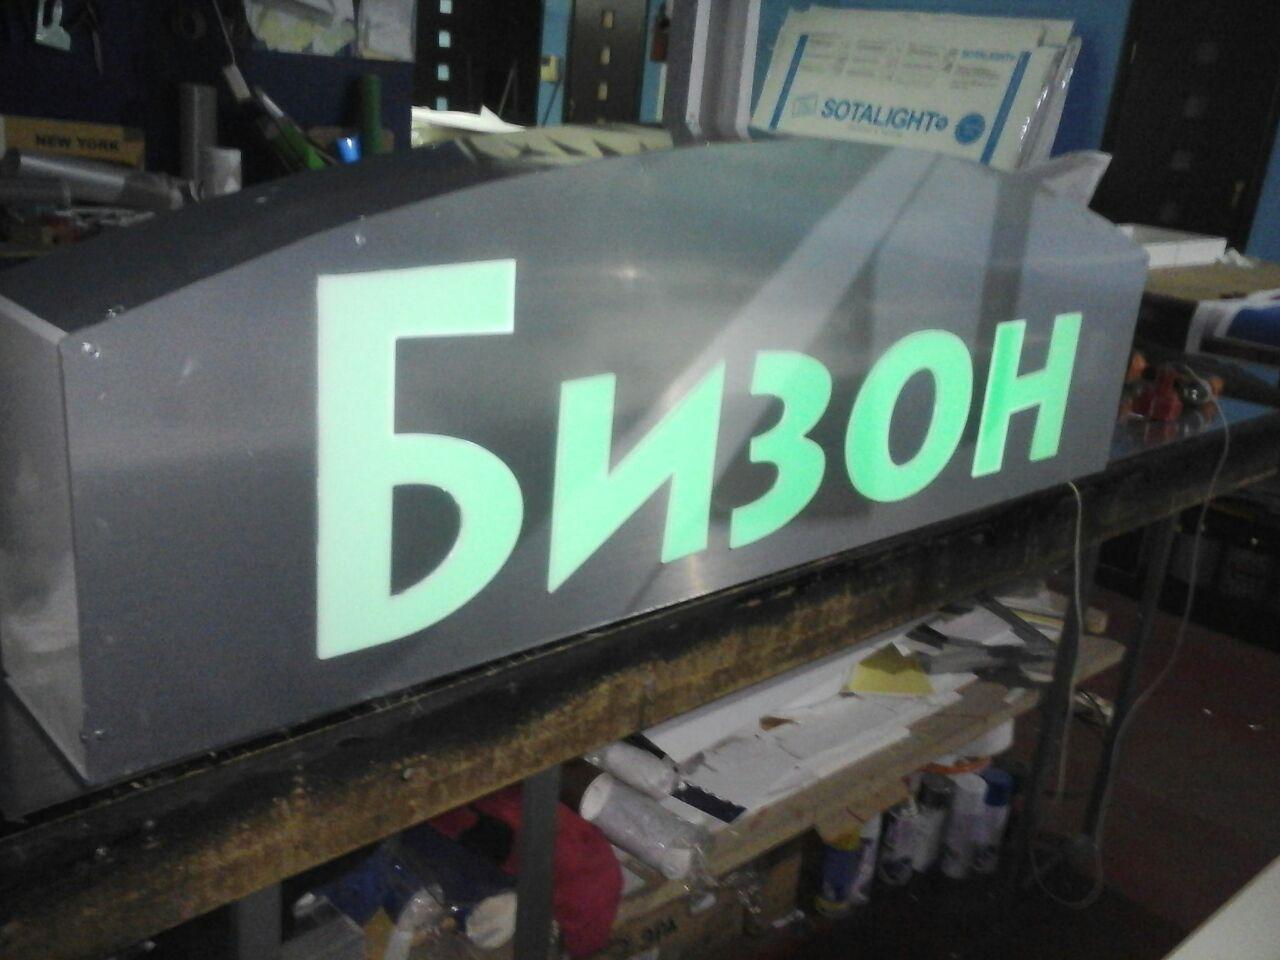 f9b89479-30c9-43c2-83cf-26fd317c2f53